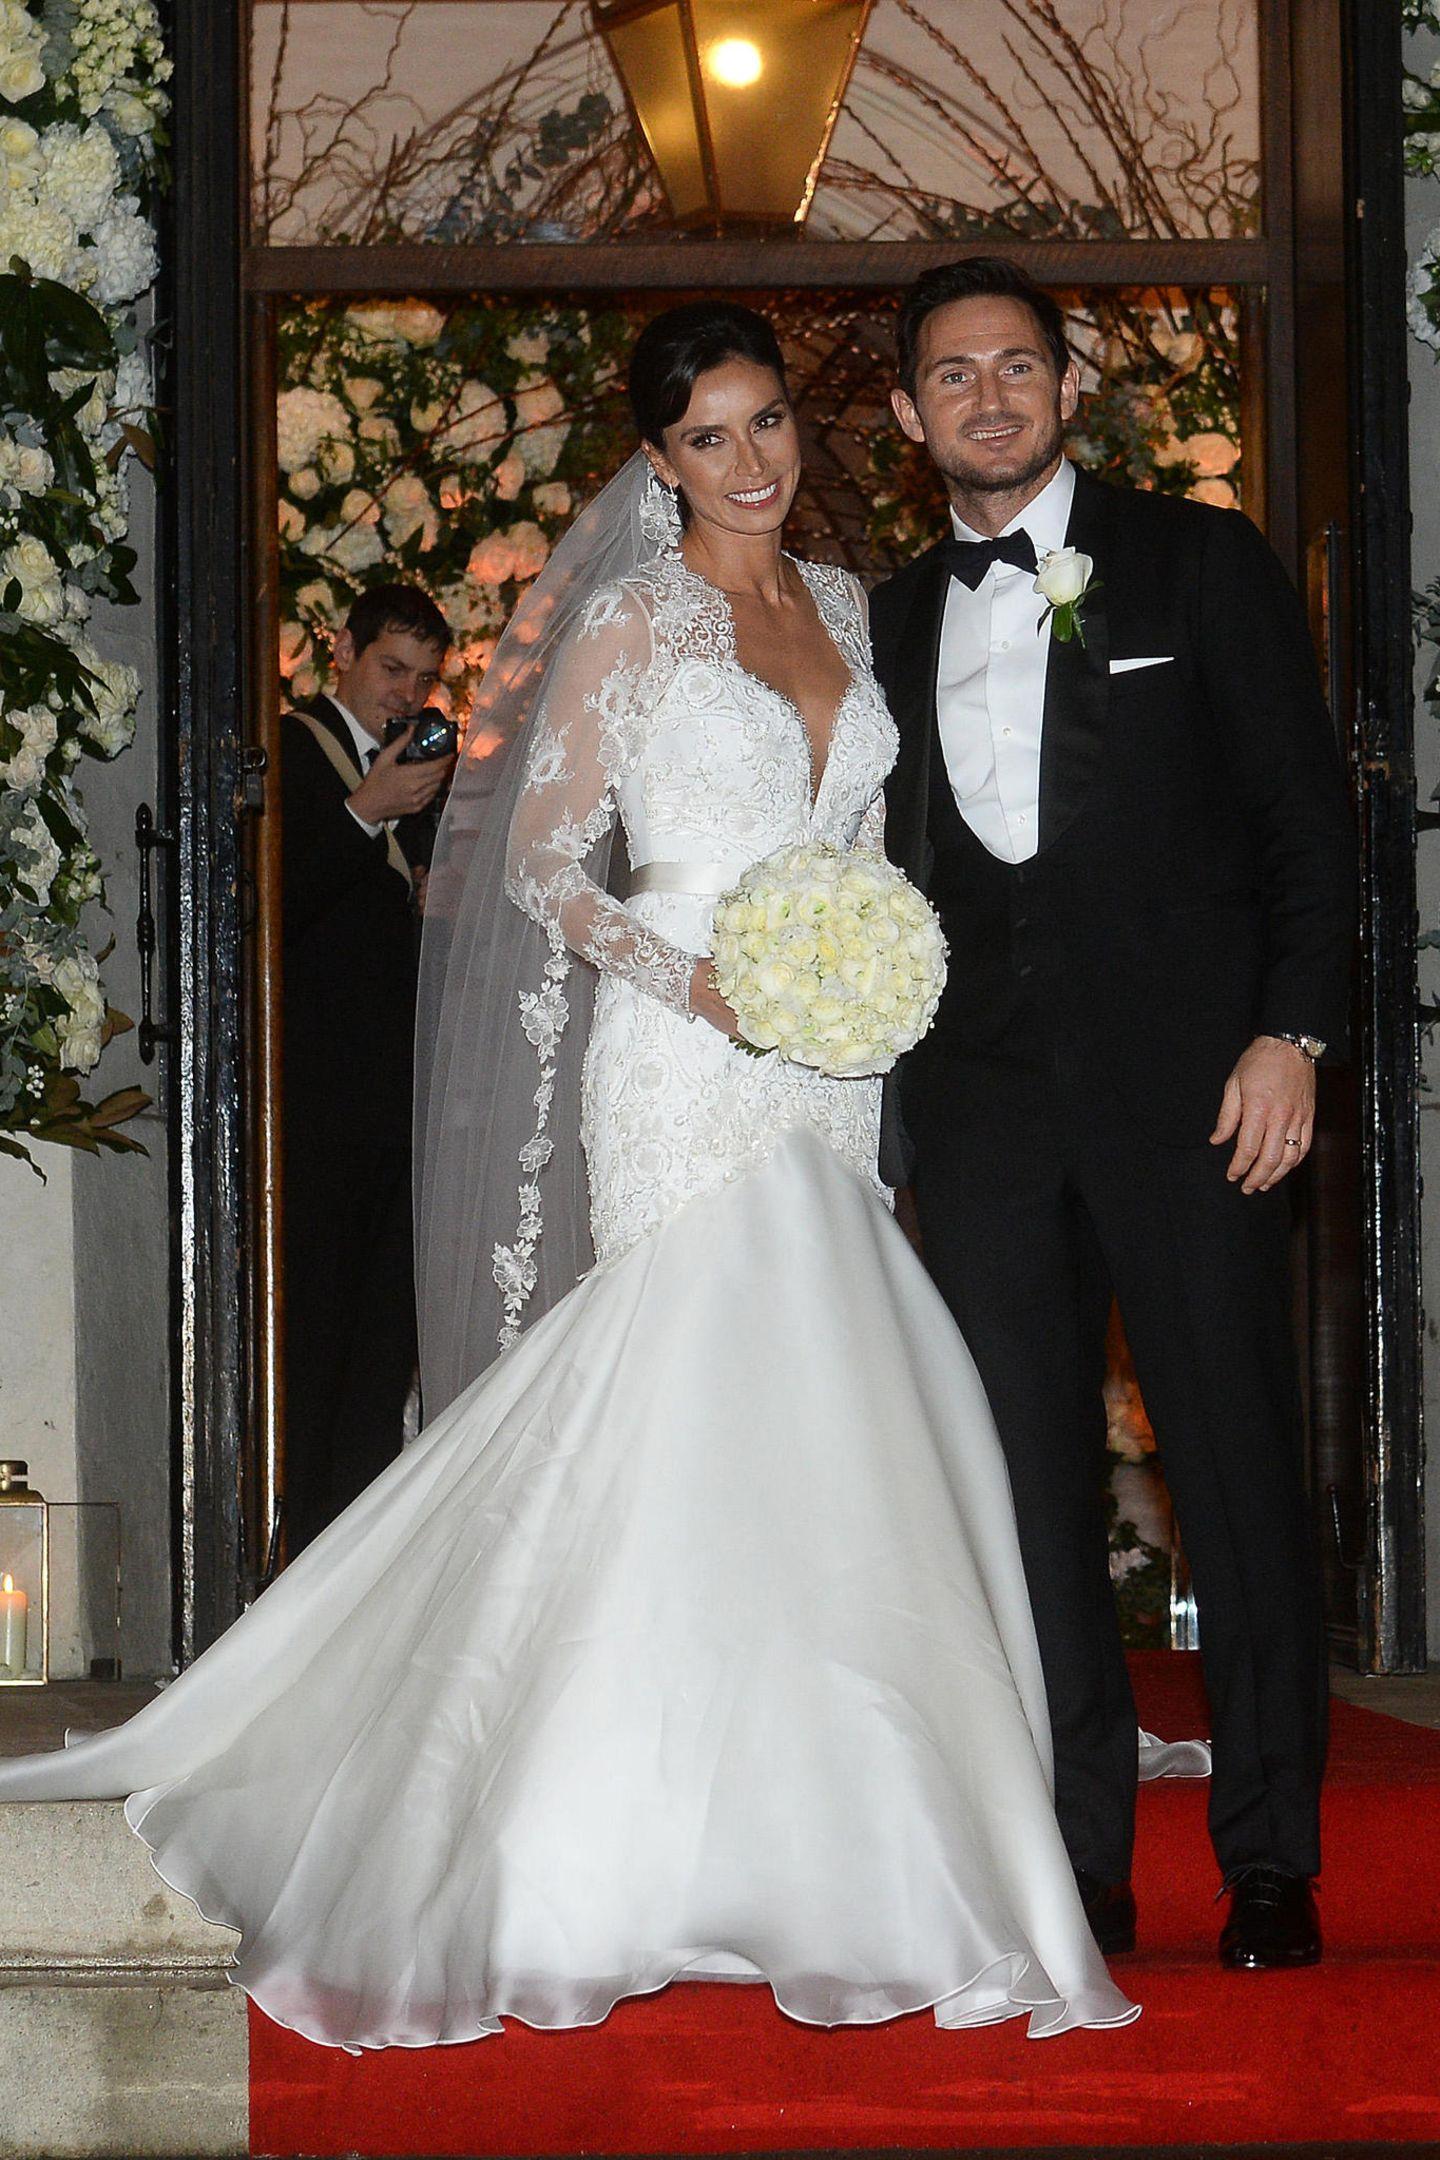 Fußballstar Frank Lampard heiratet seineChristine Bleakley in St. Paul''s. Ihr Kleid erinnert obenrum an das von Herzogin Catherine, untenrum ist der Rock weit ausgestellt und aus glänzendem Satin.